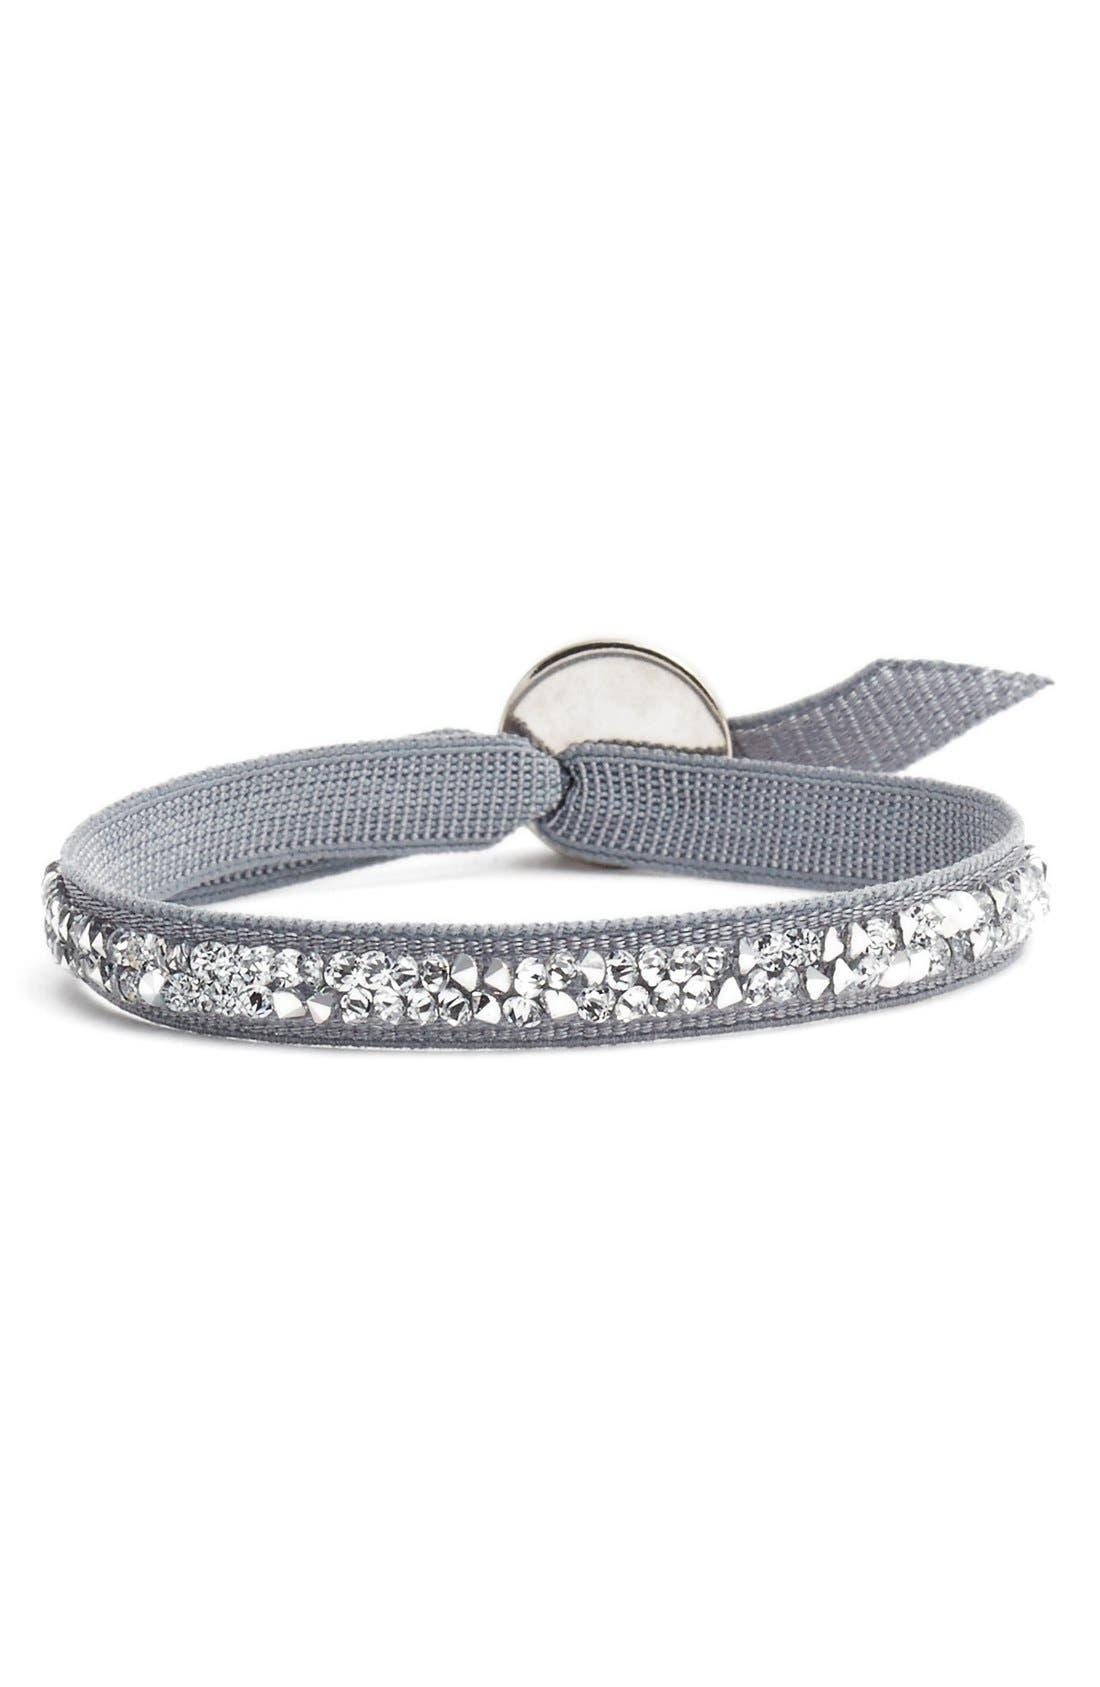 Main Image - The Paris Bracelet 'Fine Rocks' Bracelet